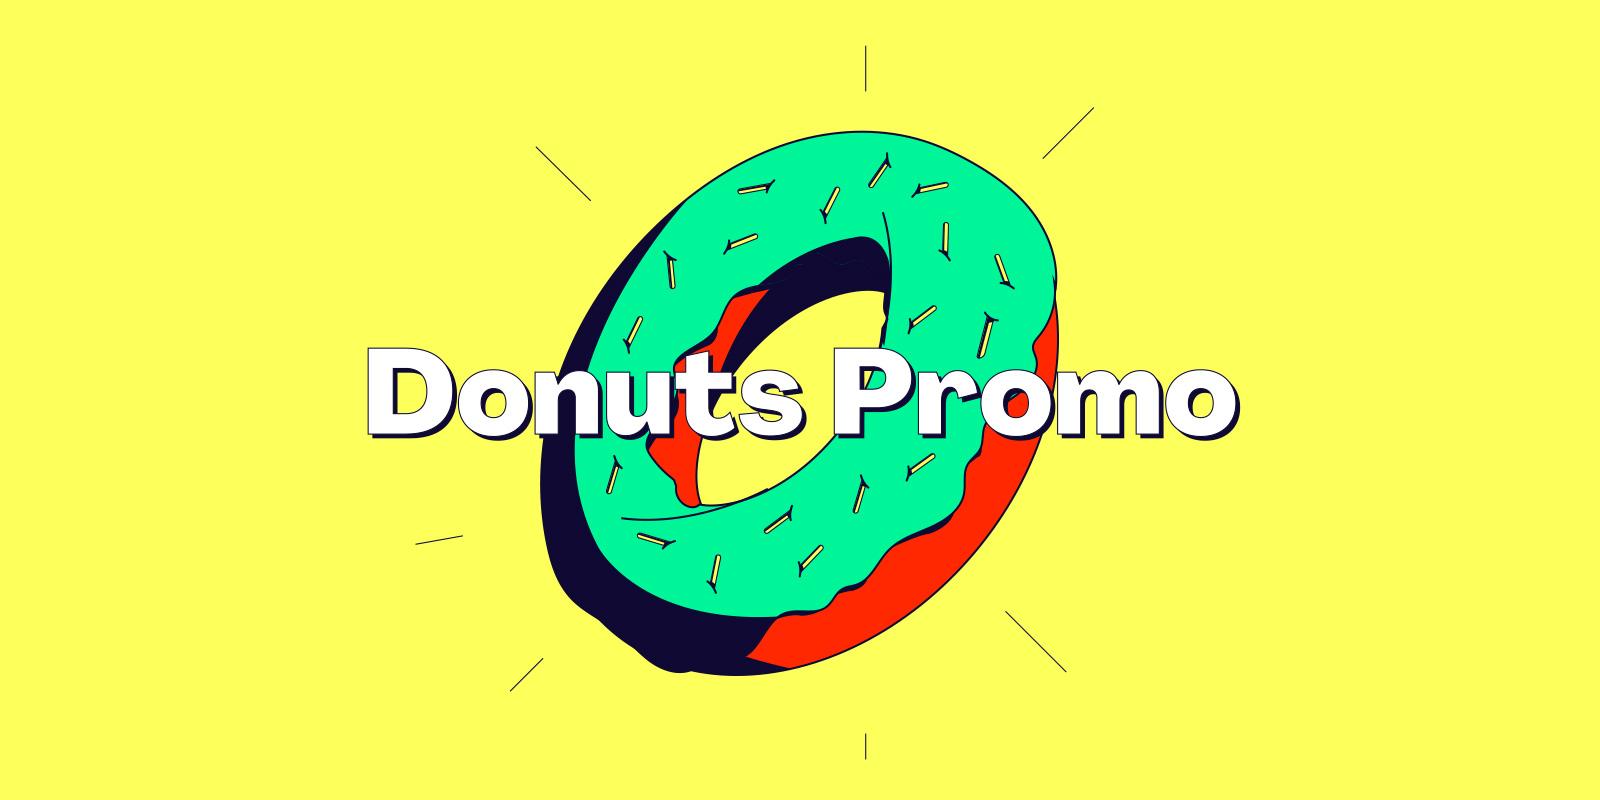 6 种 Donuts 域名限时抢购中!